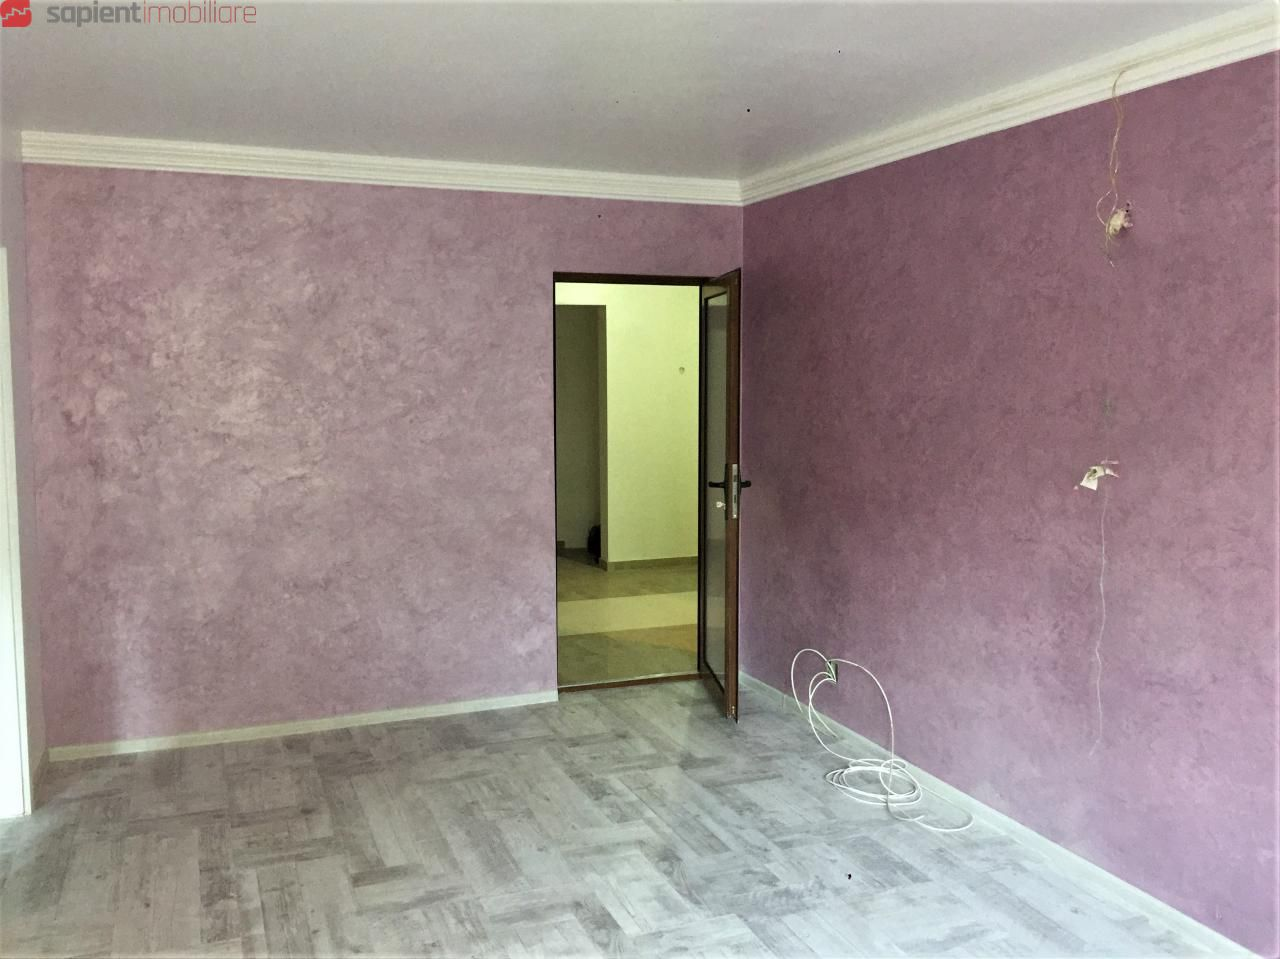 Apartament de vanzare, Bihor (judet), Oradea - Foto 11